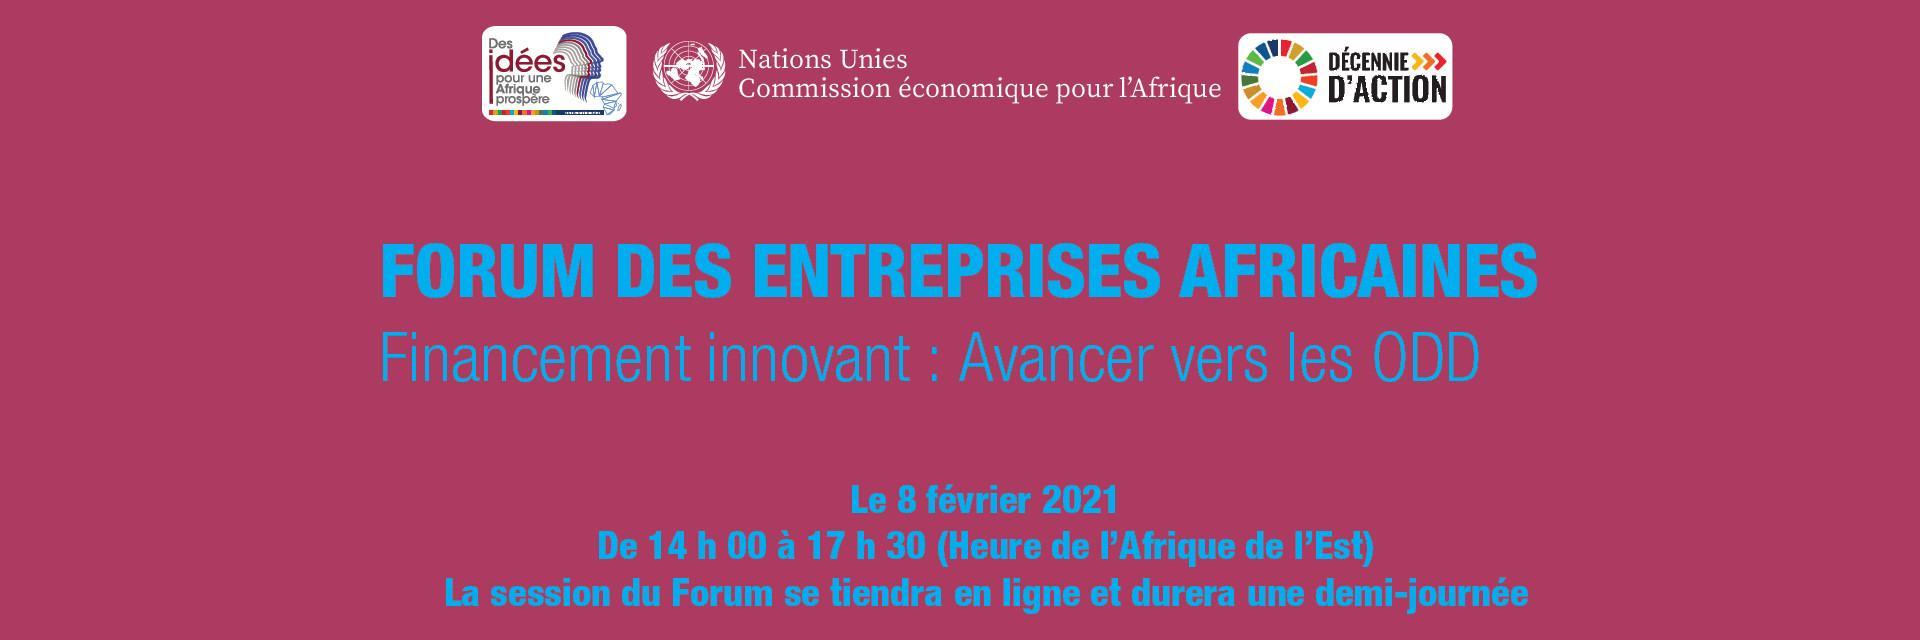 4ème édition du Forum des Entreprises Africaines 2021